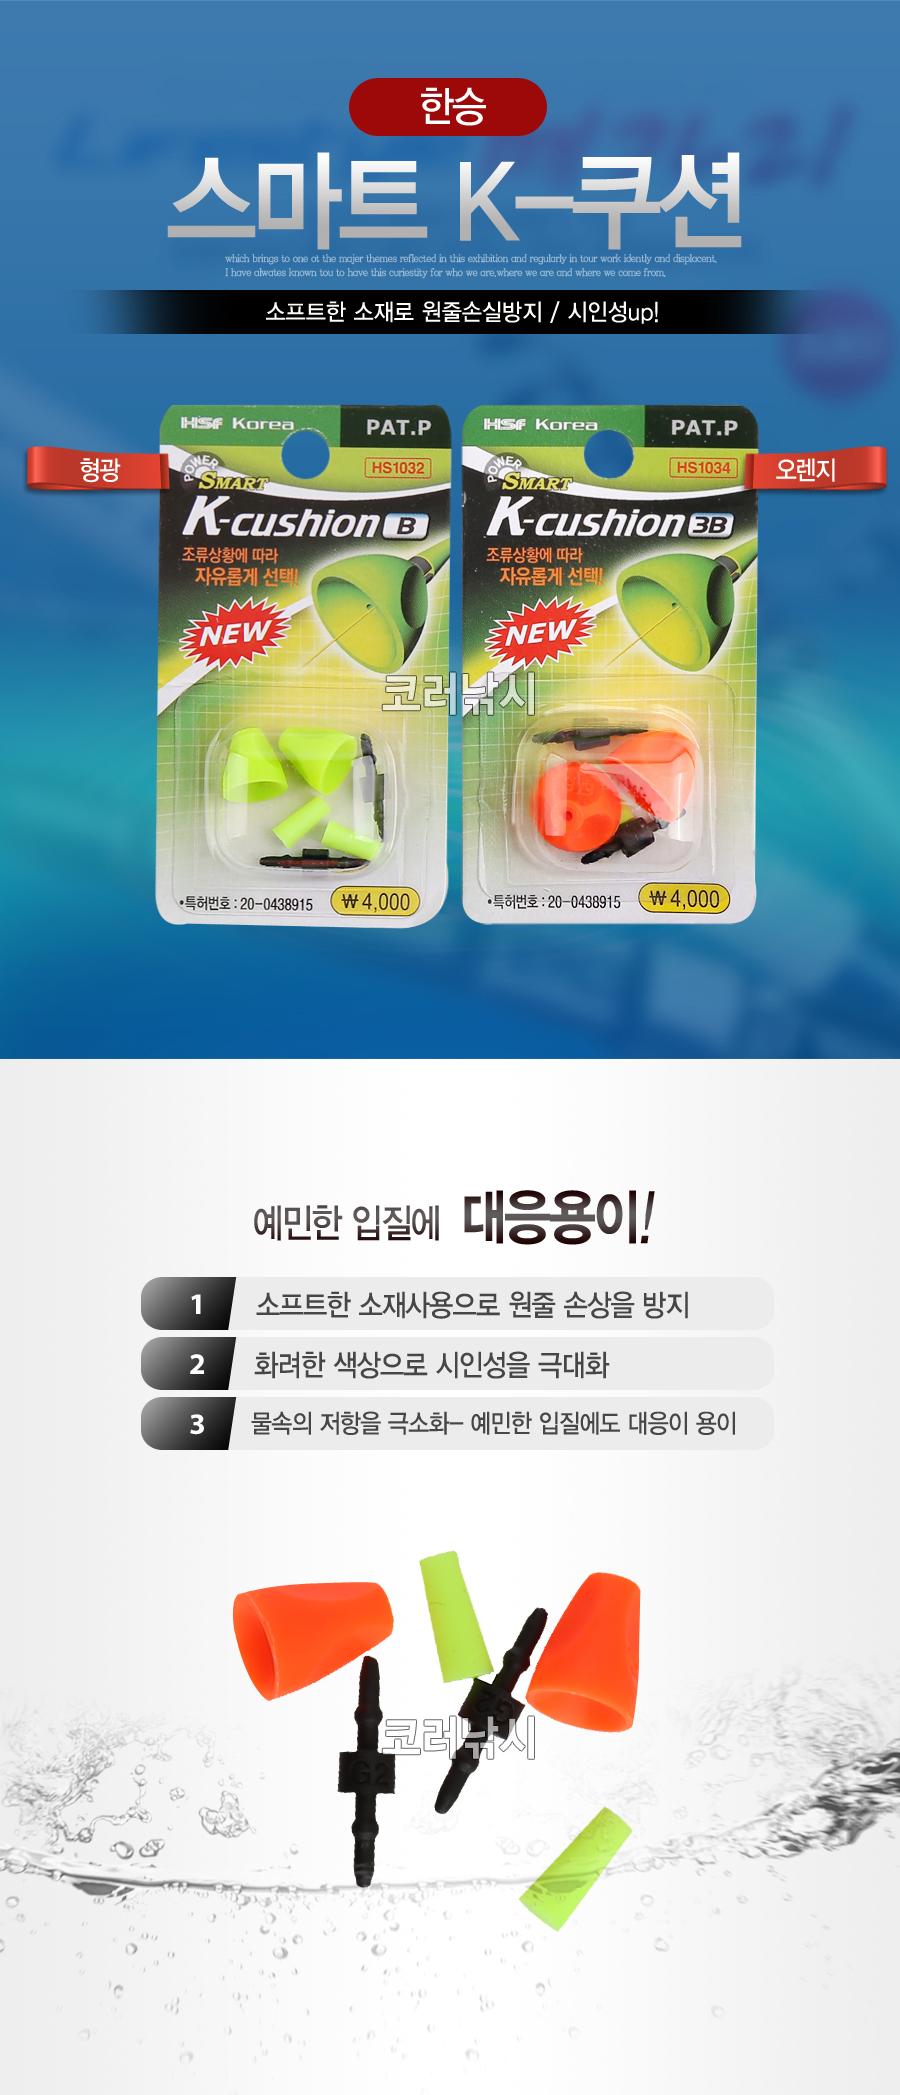 한승 스마트 K-쿠션 전층쿠션 찌멈춤봉 전층수중